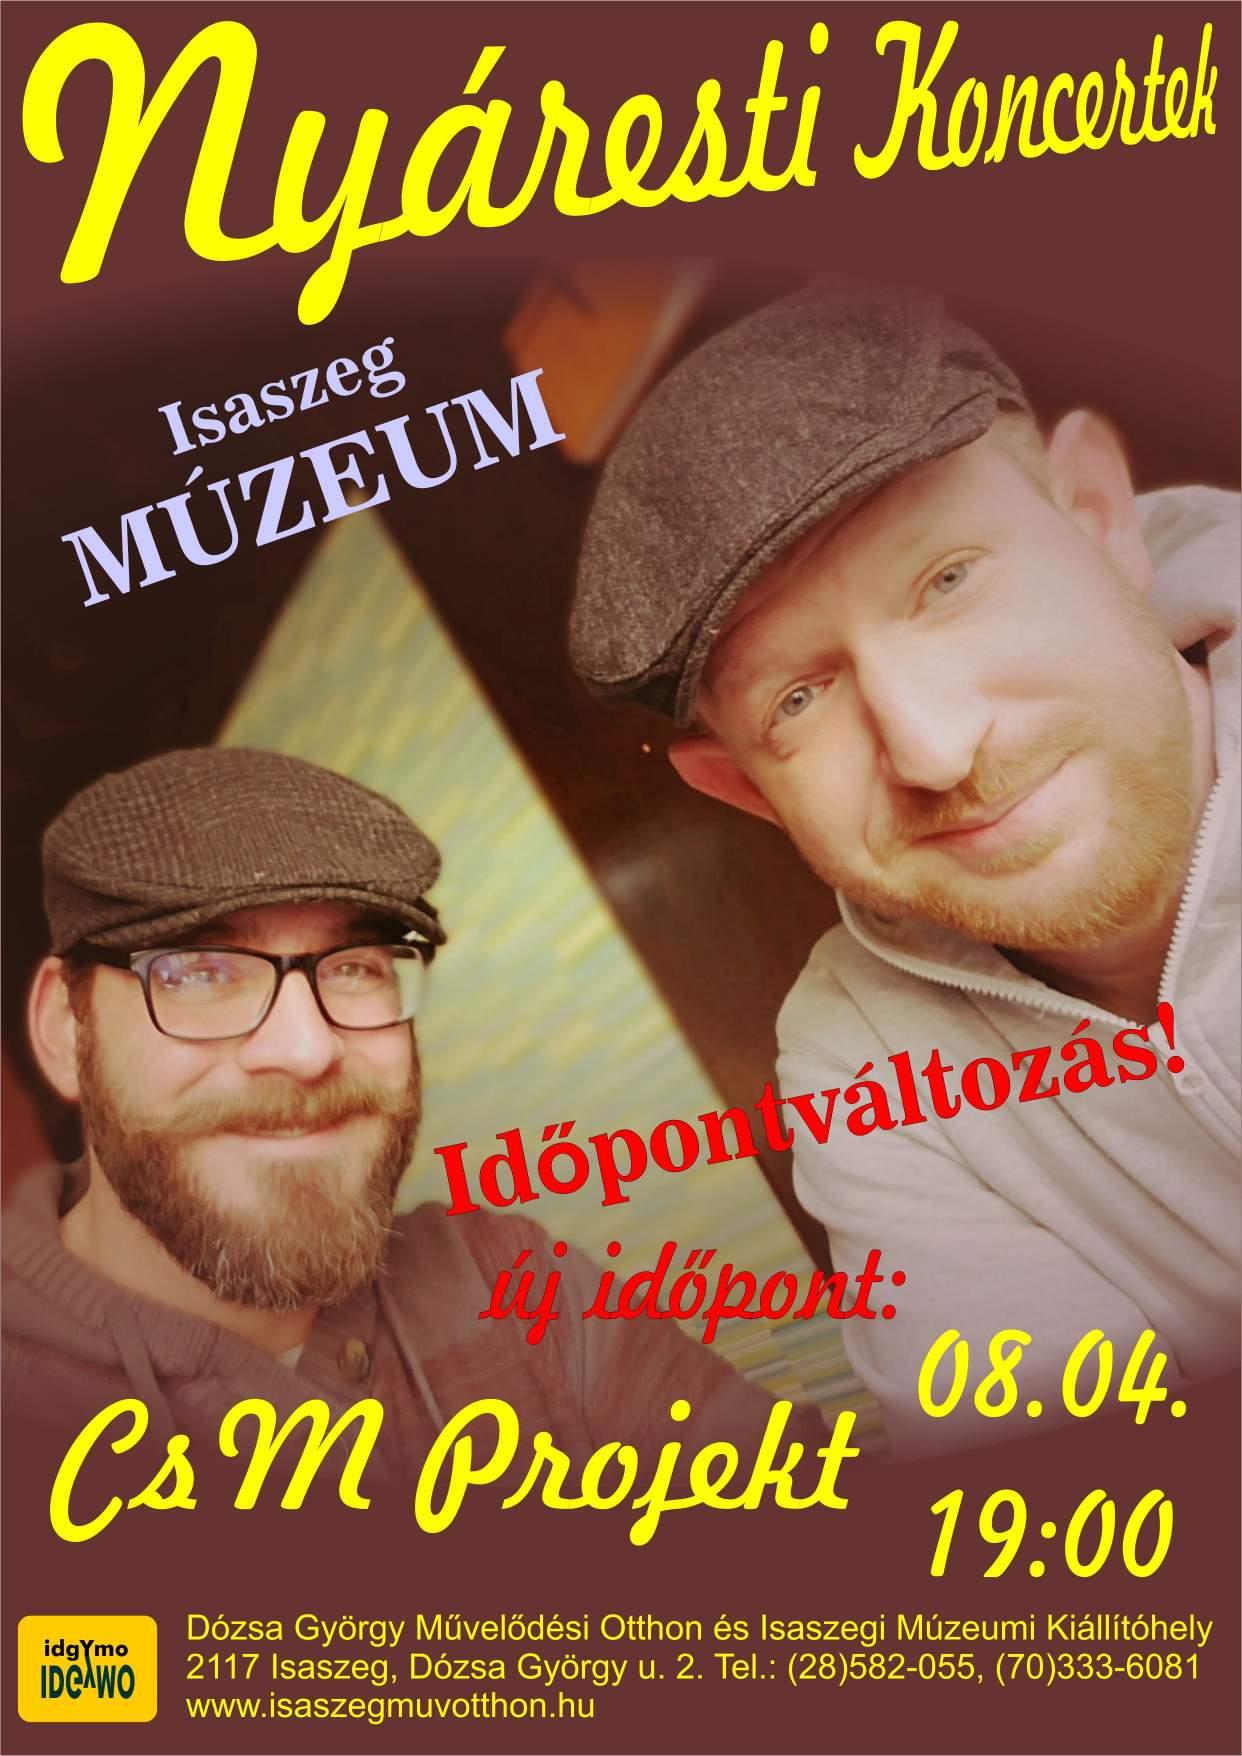 CsM Projekt koncert- Nyáresti koncertek